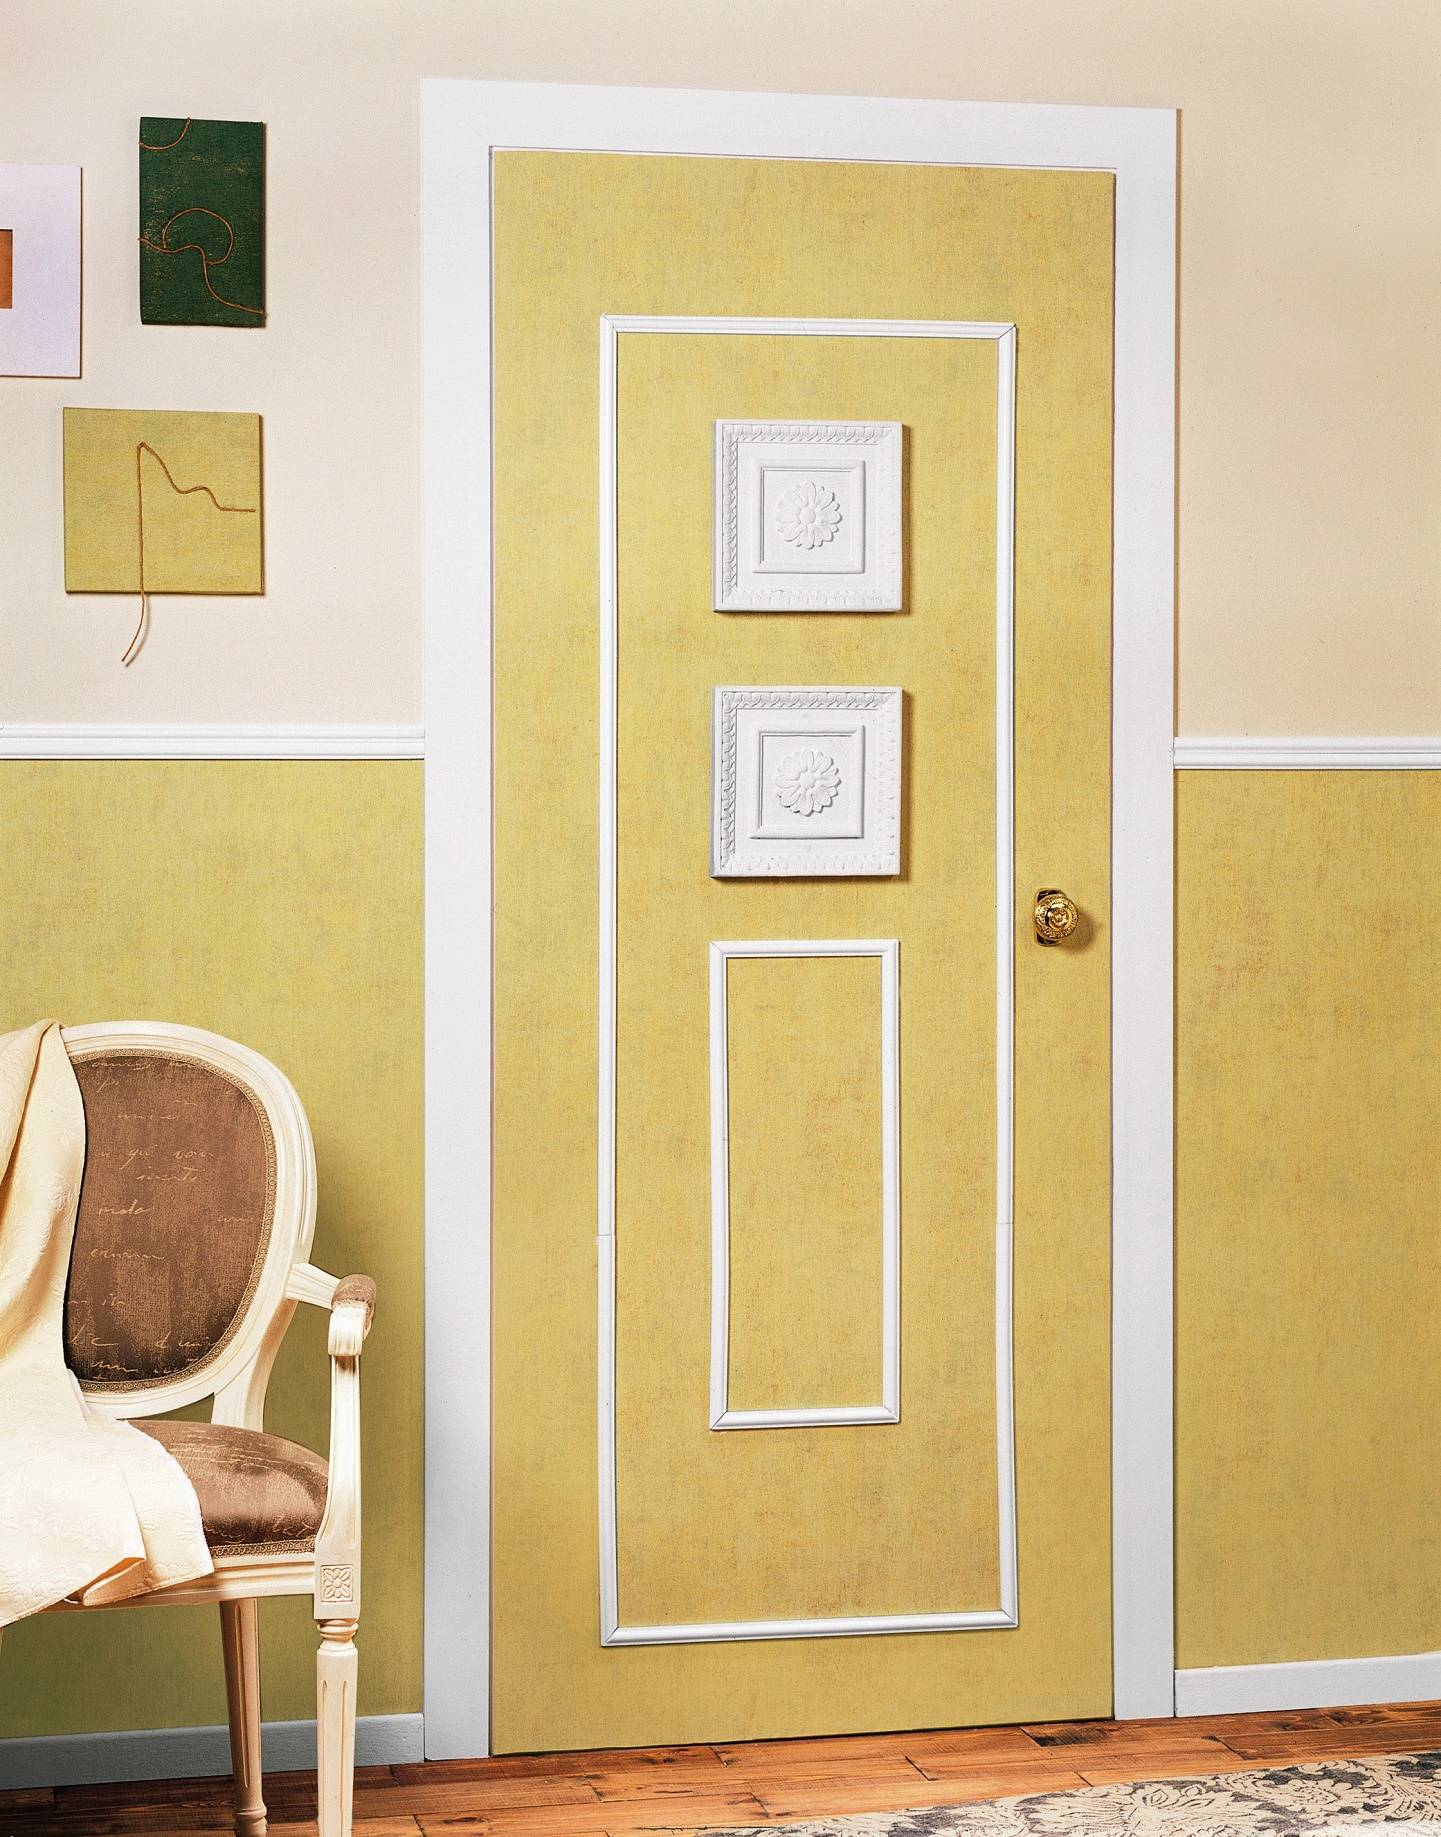 Как обновить двери, не меняя их: фото вариантов